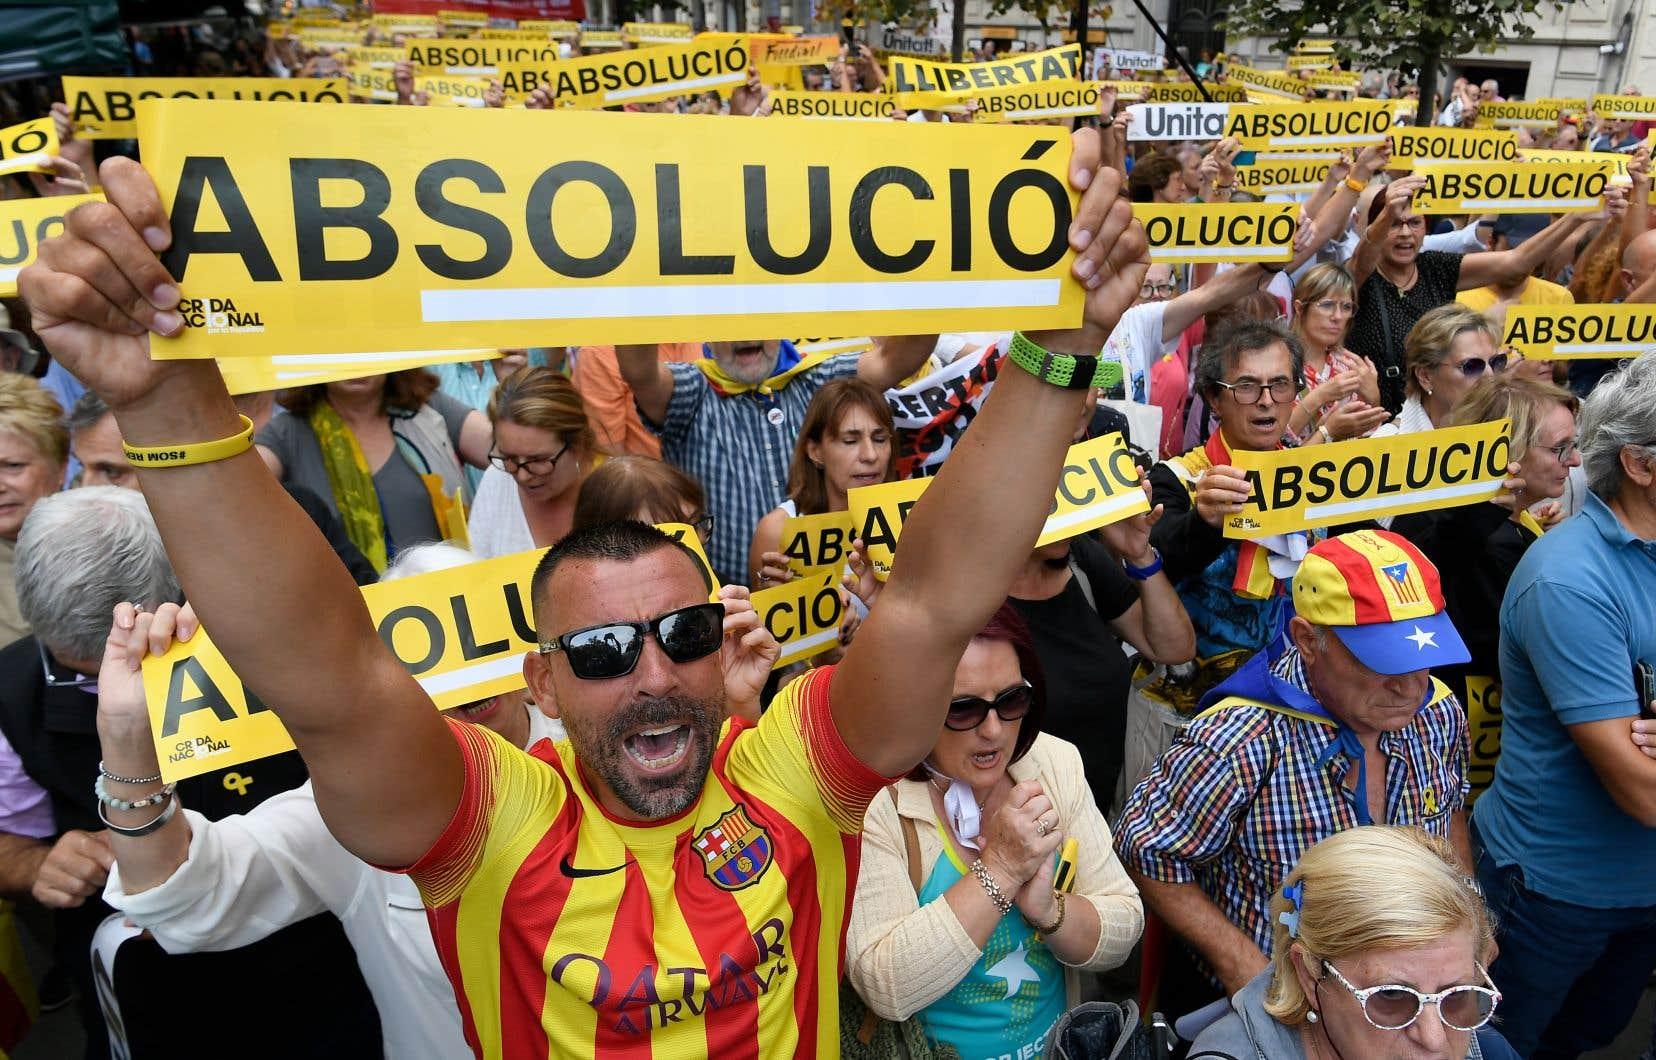 Au soir de la décision, qui pourrait intervenir dès lundi, des manifestations se tiendront dans toute la Catalogne, ont annoncé l'Assemblée nationale catalane et Omnium cultural.